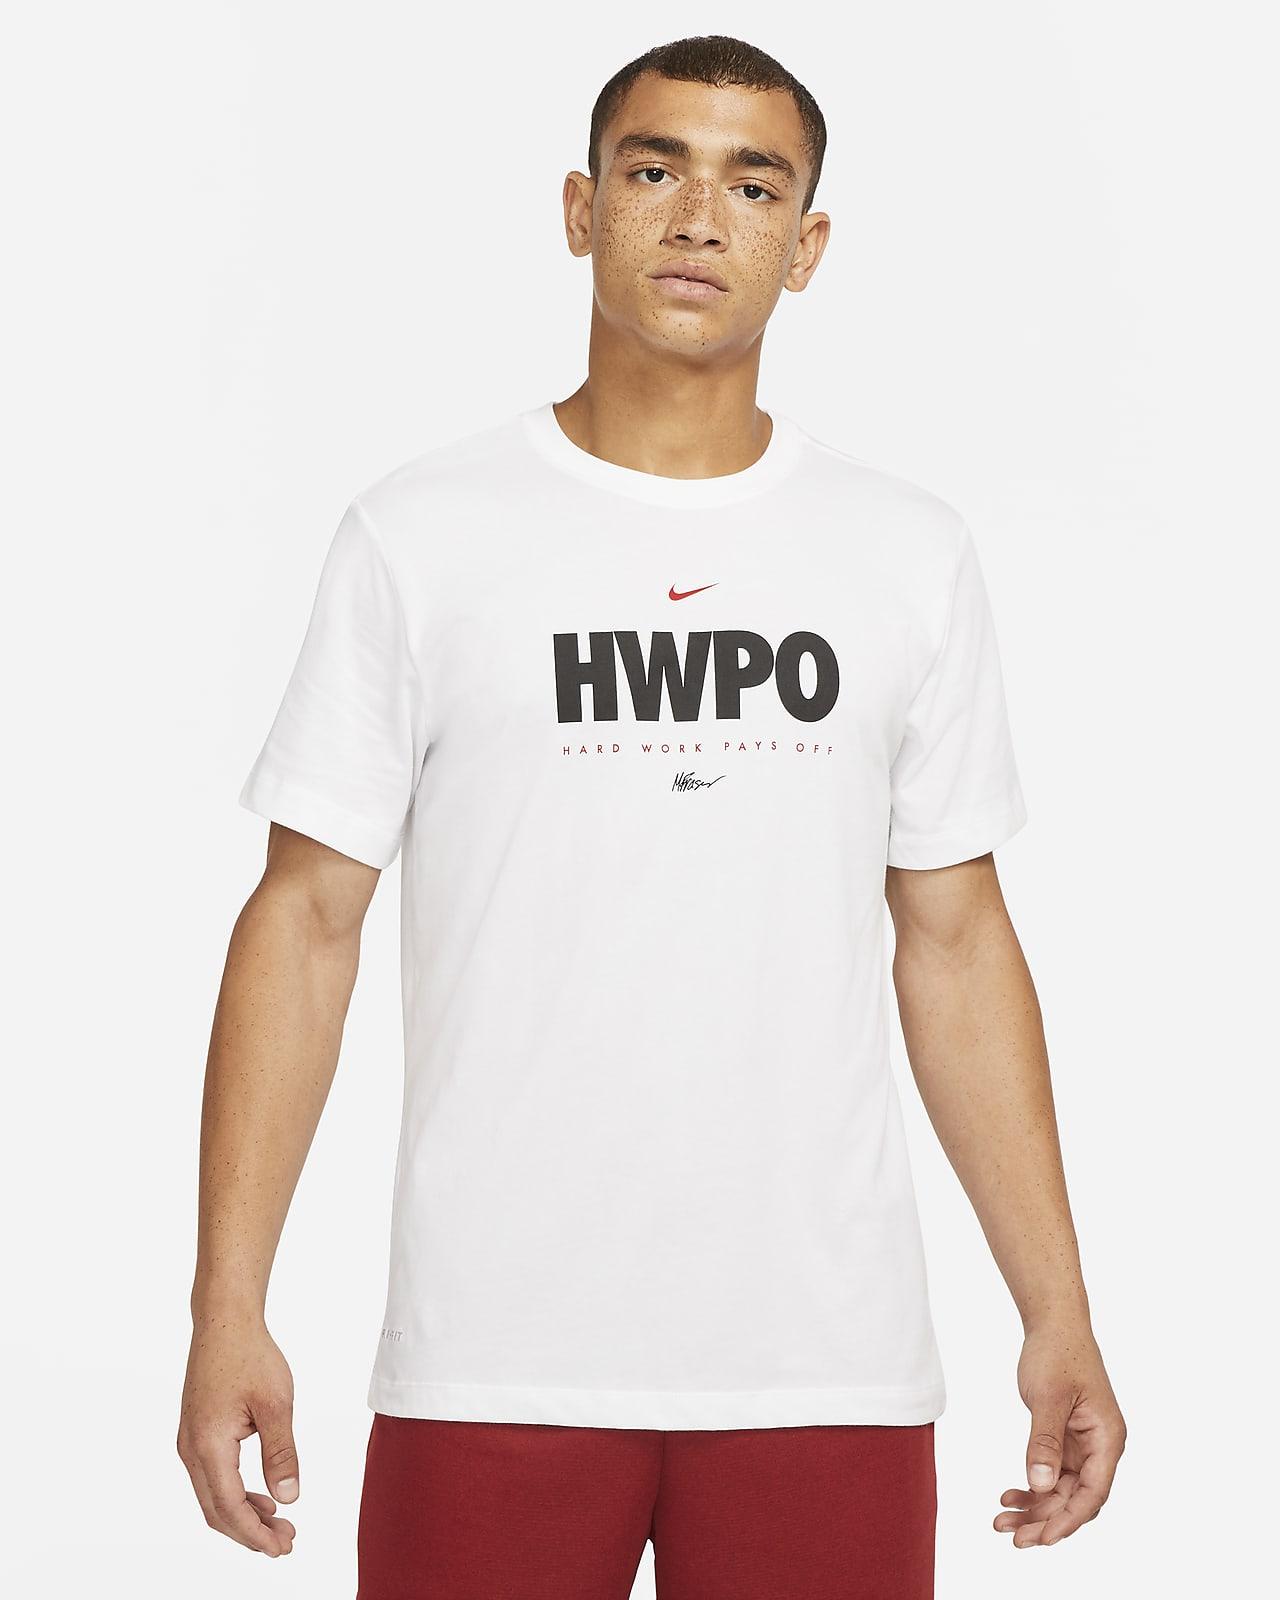 """Tränings-t-shirt Nike Dri-FIT """"HWPO"""" för män"""